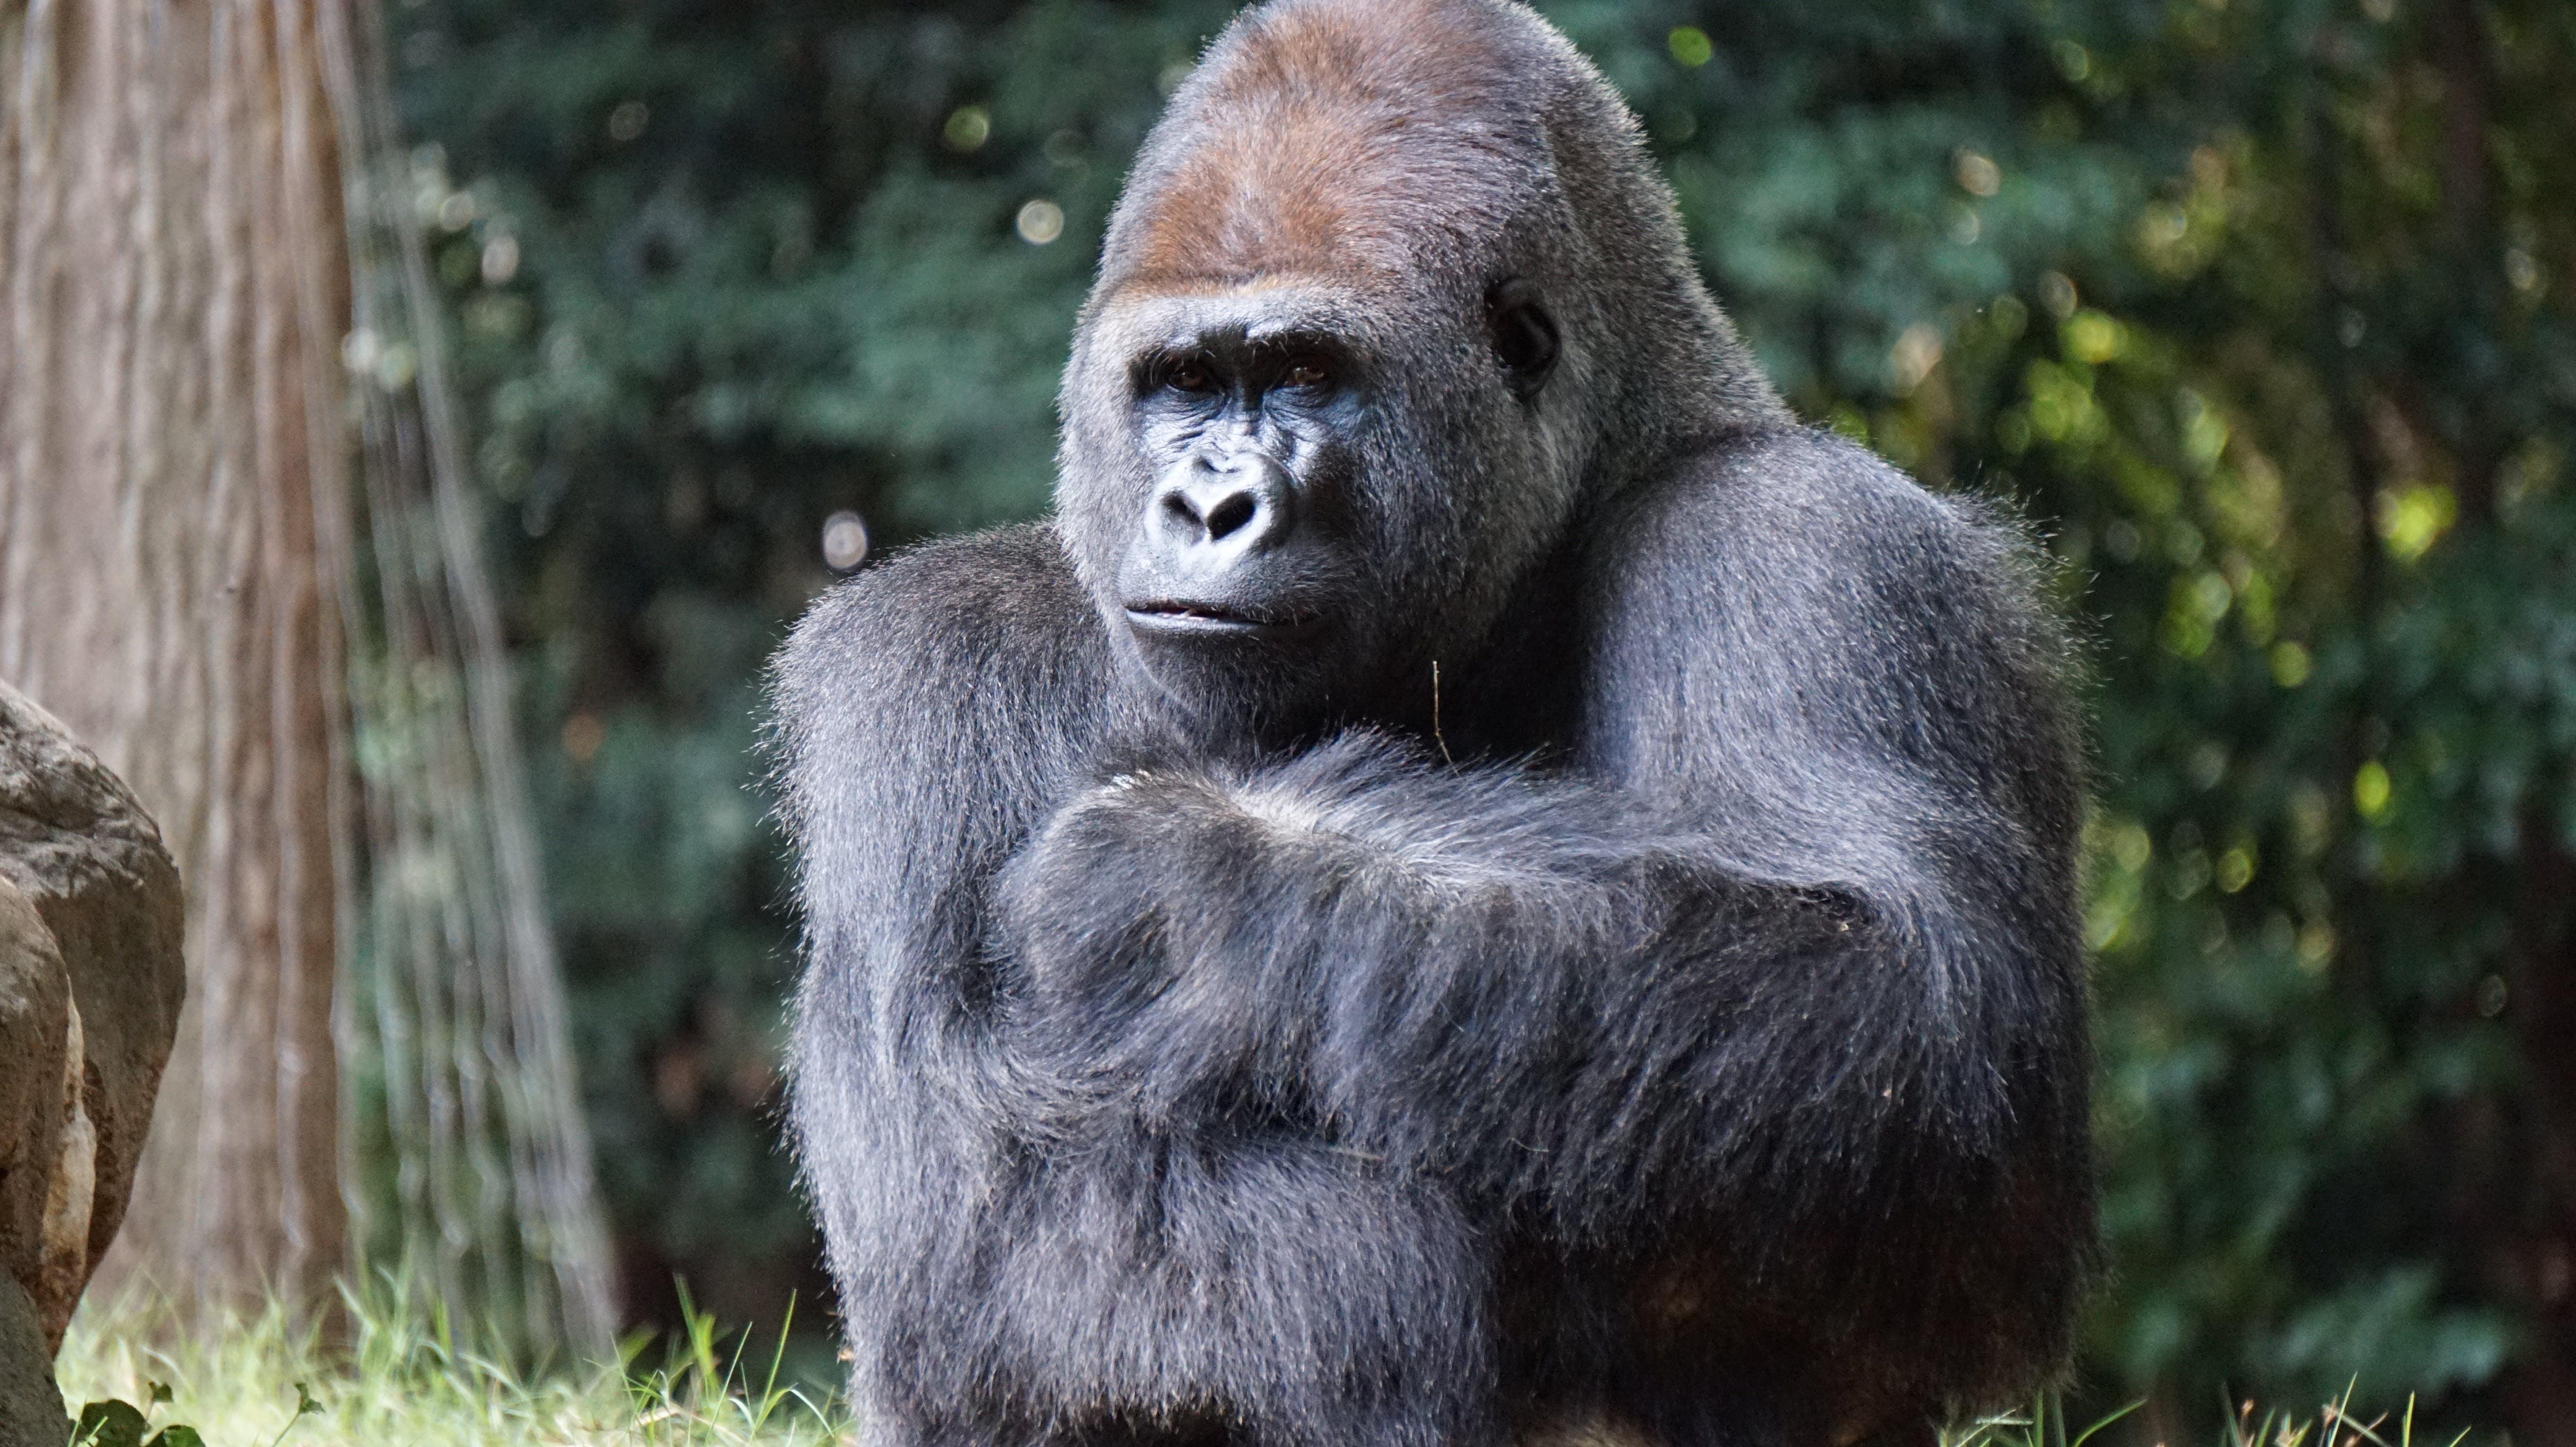 Foto stok gratis binatang, binatang liar, fotografi binatang, gorila